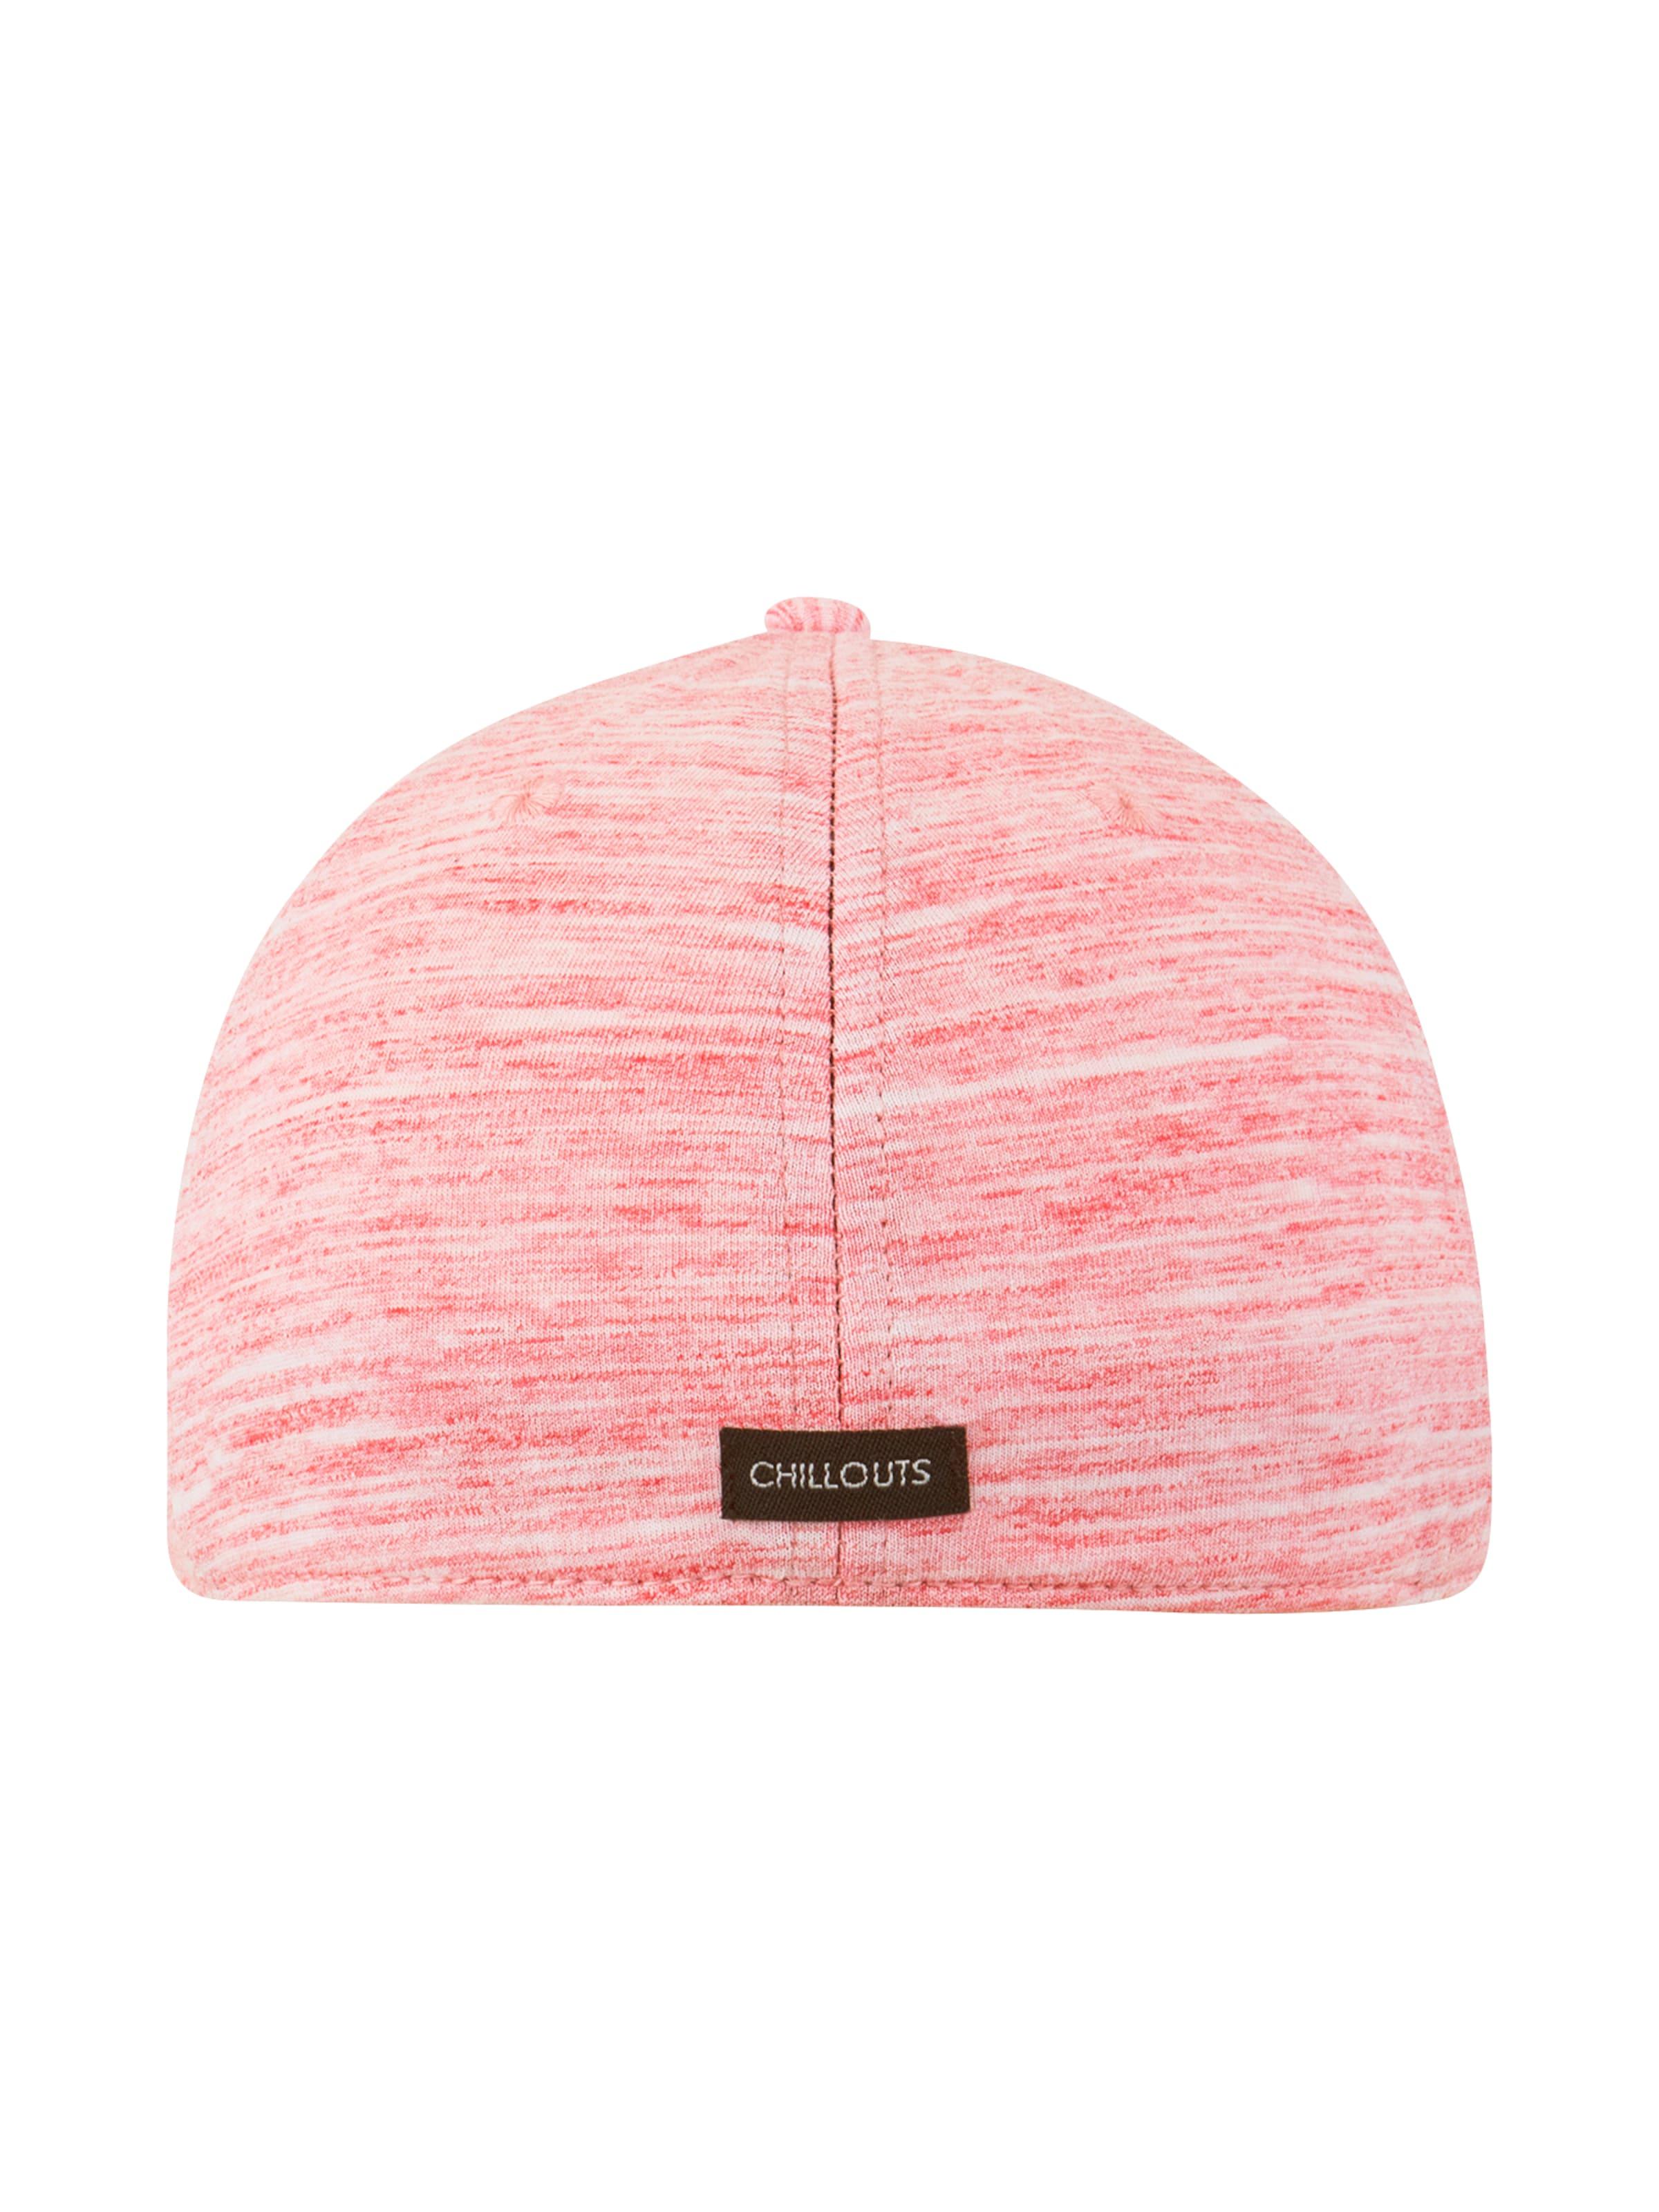 CrèmeGris Chillouts En Casquette 'narva Hat' HDY2E9WI